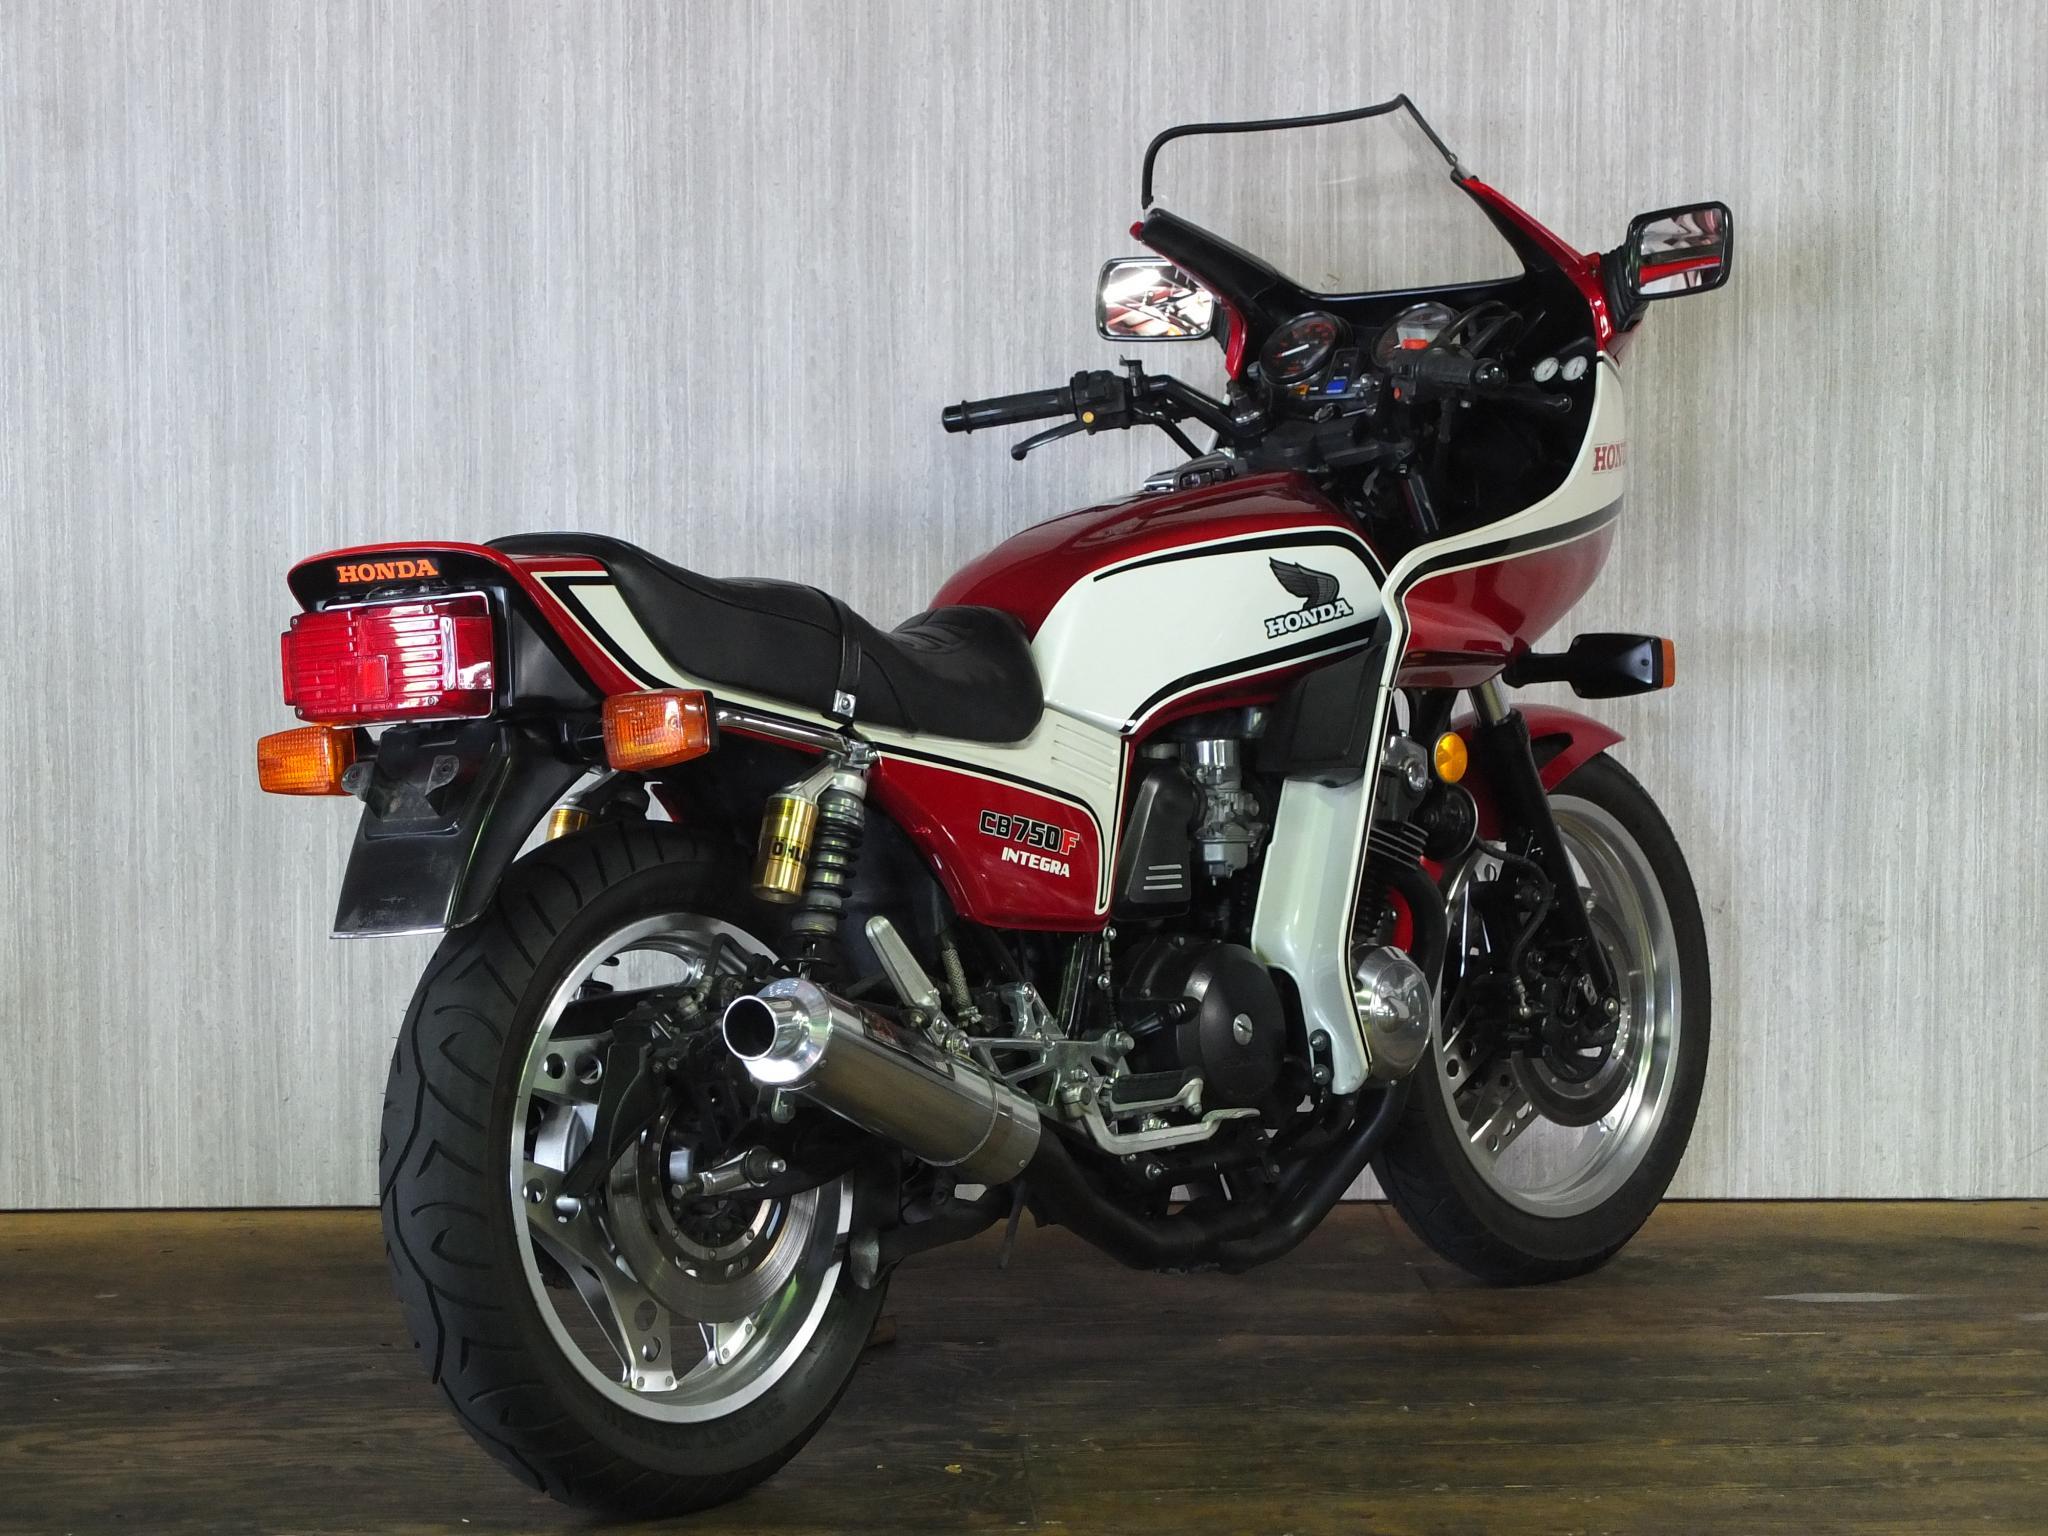 ホンダ 1982 HONDA CB750 INTEGRA 車体写真3